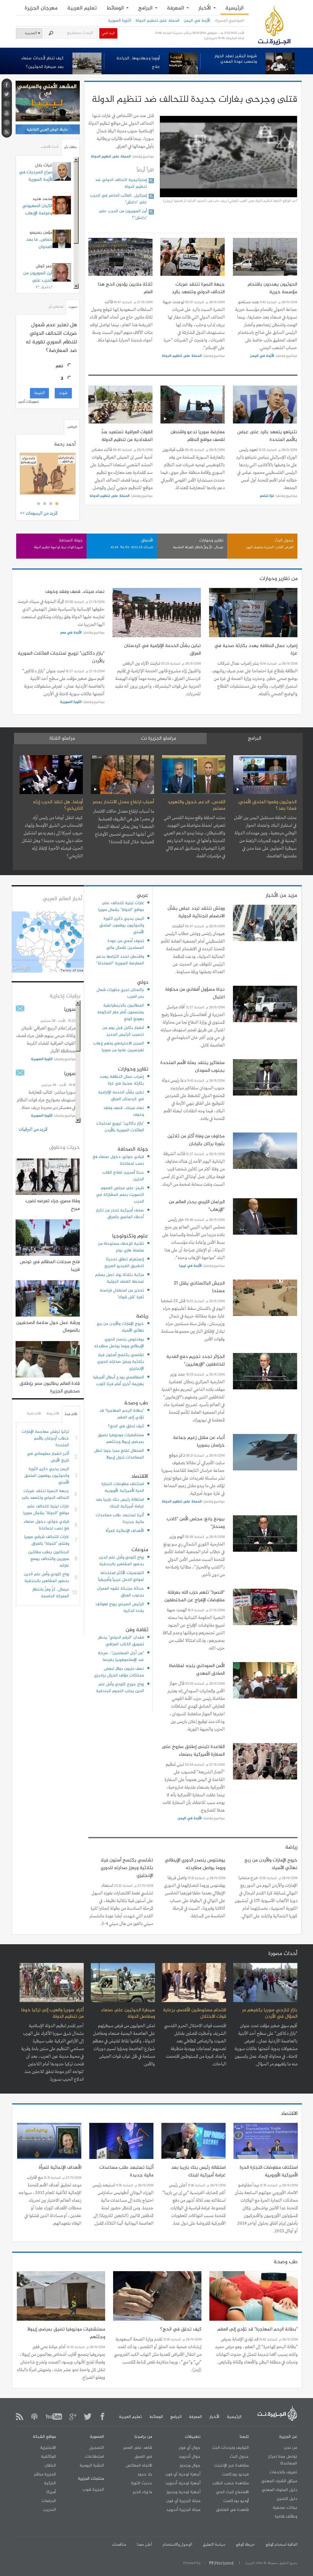 Al Jazeera at Sunday Sept. 28, 2014, 11:07 a.m. UTC